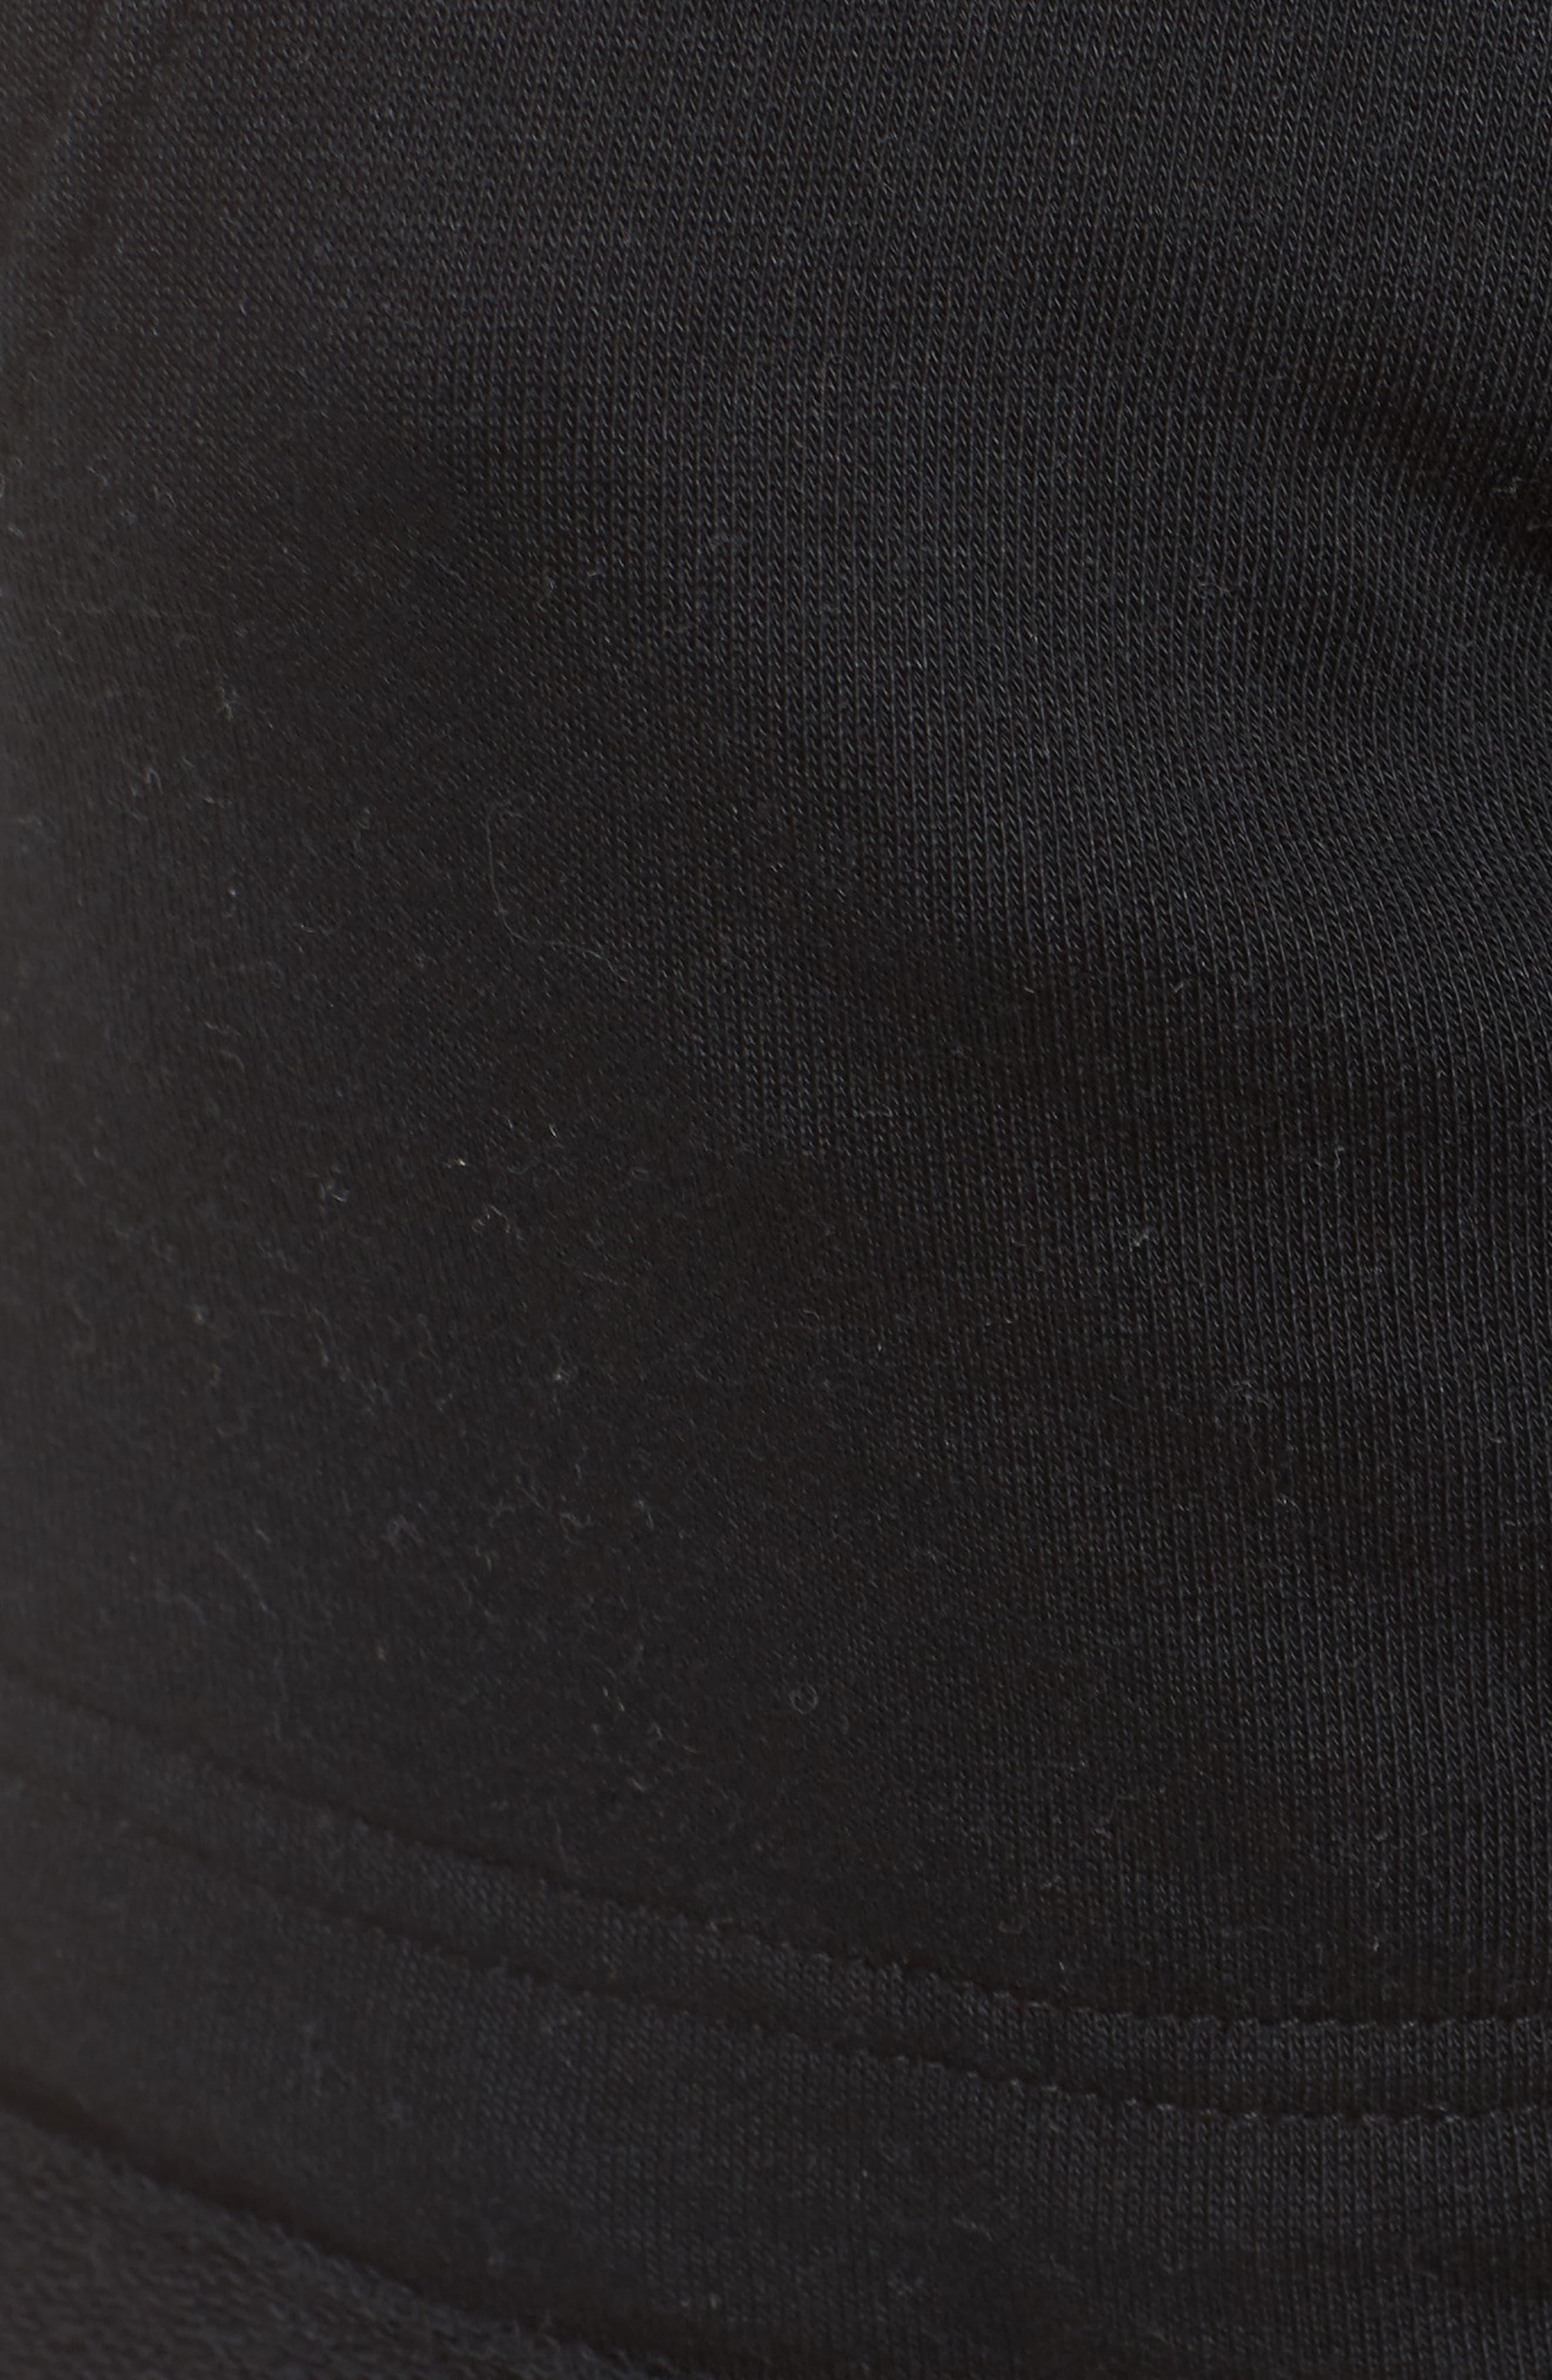 Lounge Shorts,                             Alternate thumbnail 6, color,                             True Black